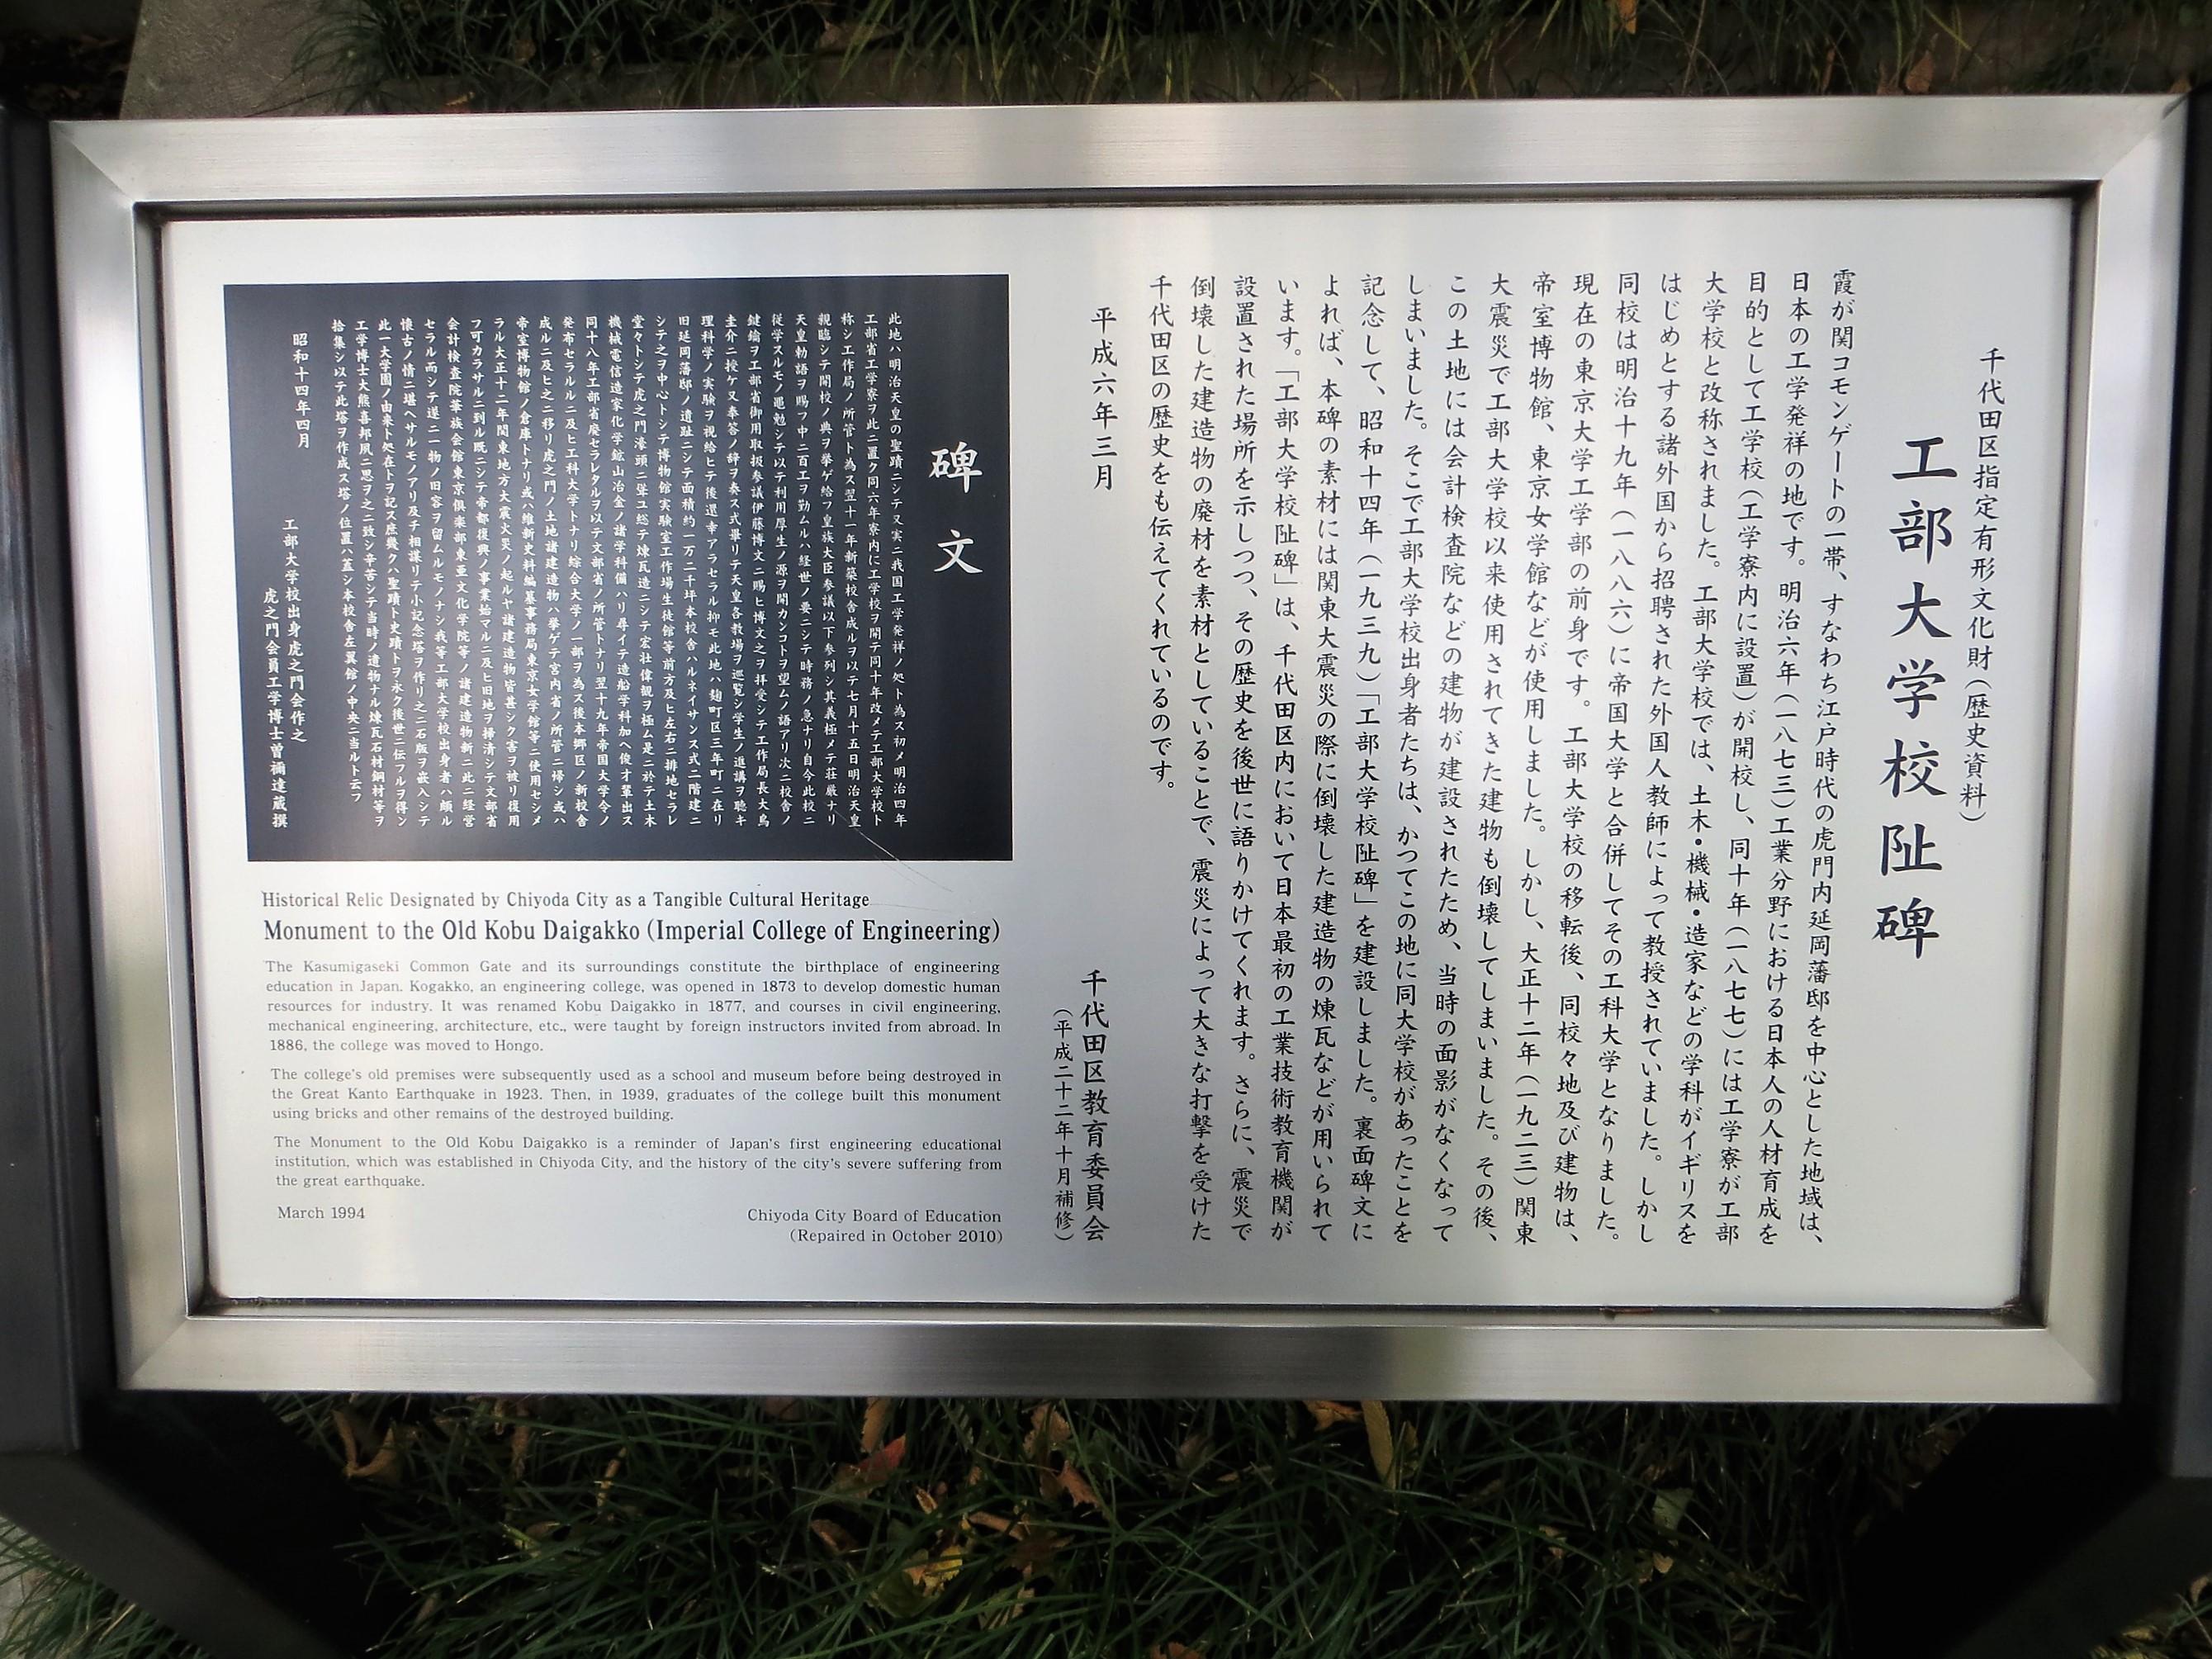 01-02.工部大学校阯碑解説板